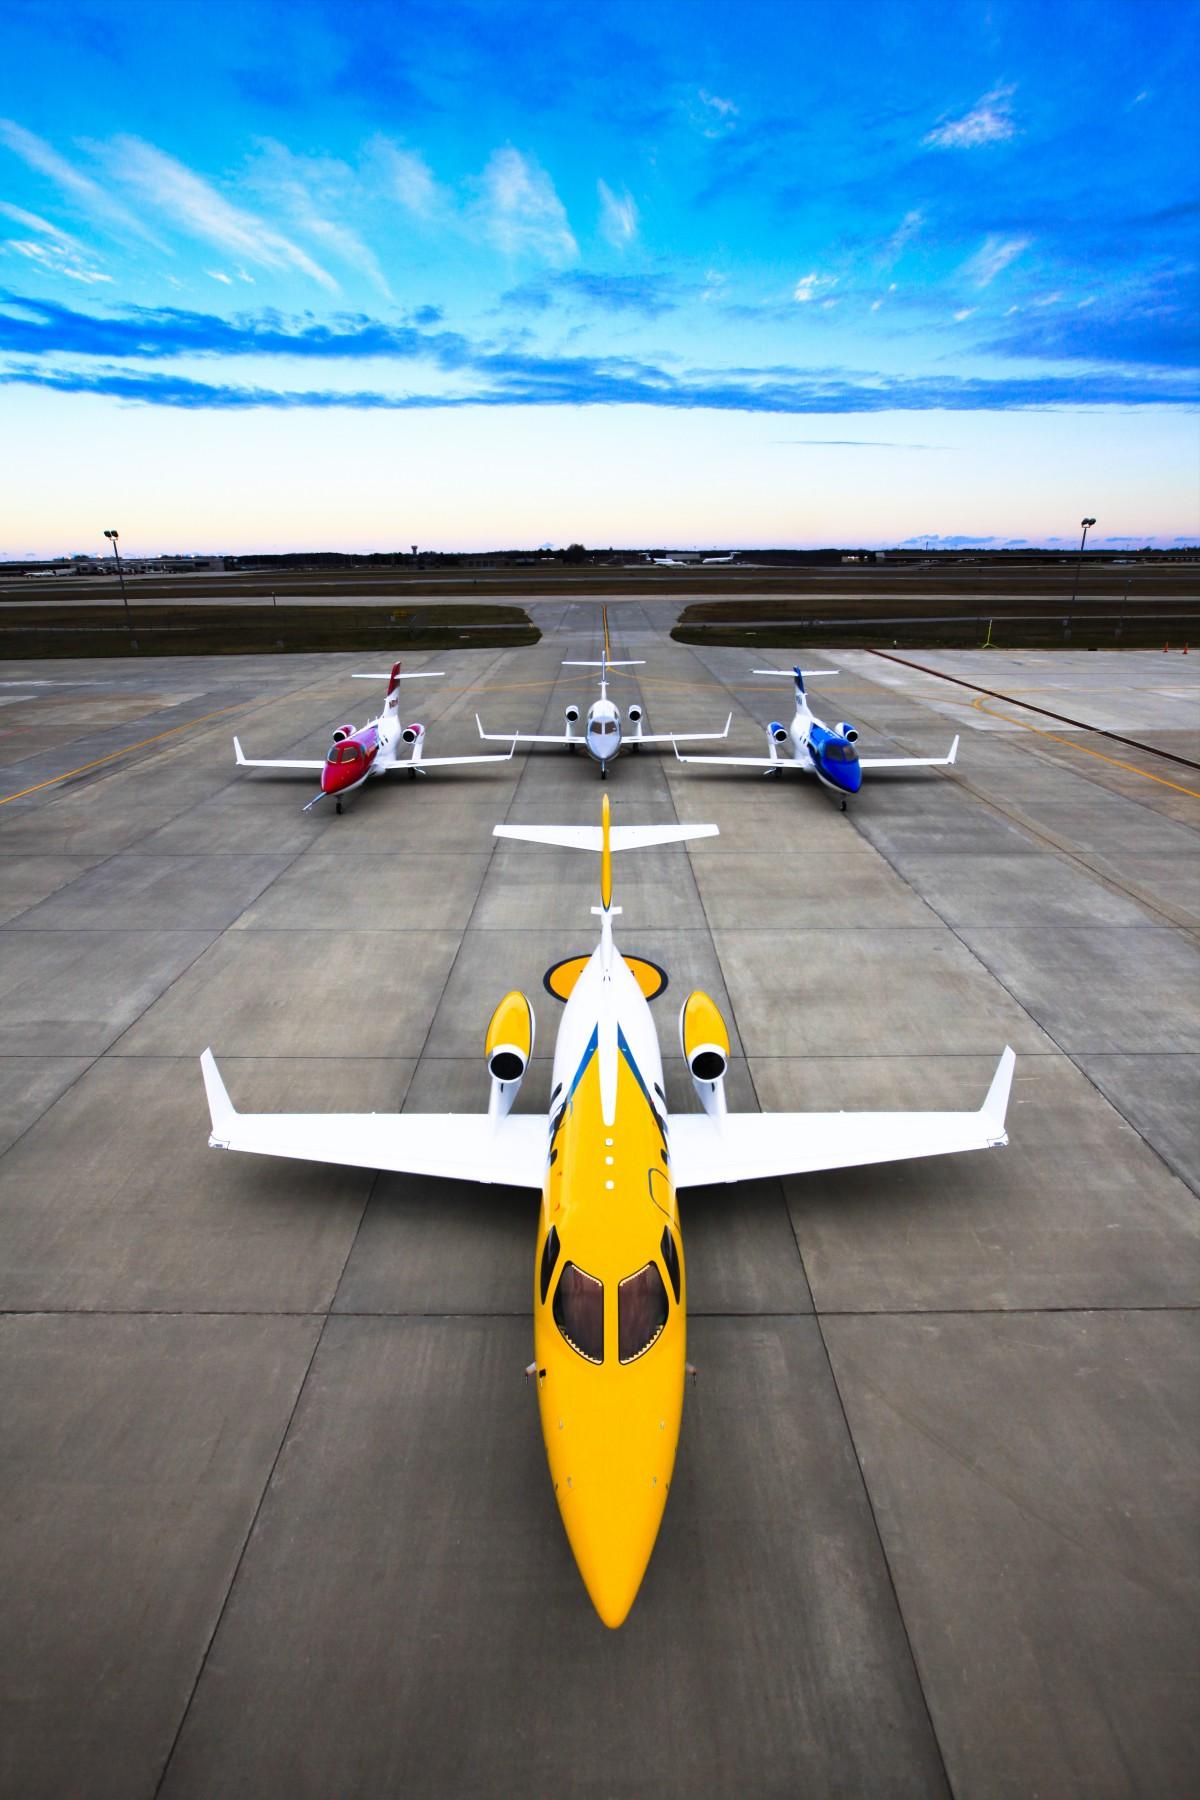 开本田 能飞天 本田( HONDA )在陆地上不是最快的车,可是,在天上它却成为了最快的超轻型喷气公务机。当同类飞机型号还在每小时750公里之内的速度徘徊时,本田旗下首款公务飞机HondaJet速度已达每小时782公里。而难得的是,它也是同级中最省油的型号,节省成本高达百分之十八。这一切成果,就由1997年一张草图开始。 HondaJet采用本田独立开发的技术,在最大航速和燃油经济性等方面都是同类的领先水平。  为了实现飞天梦,本田默默耕耘20载,今天,HondaJet之所以能够飞得最快,得归功在机身设